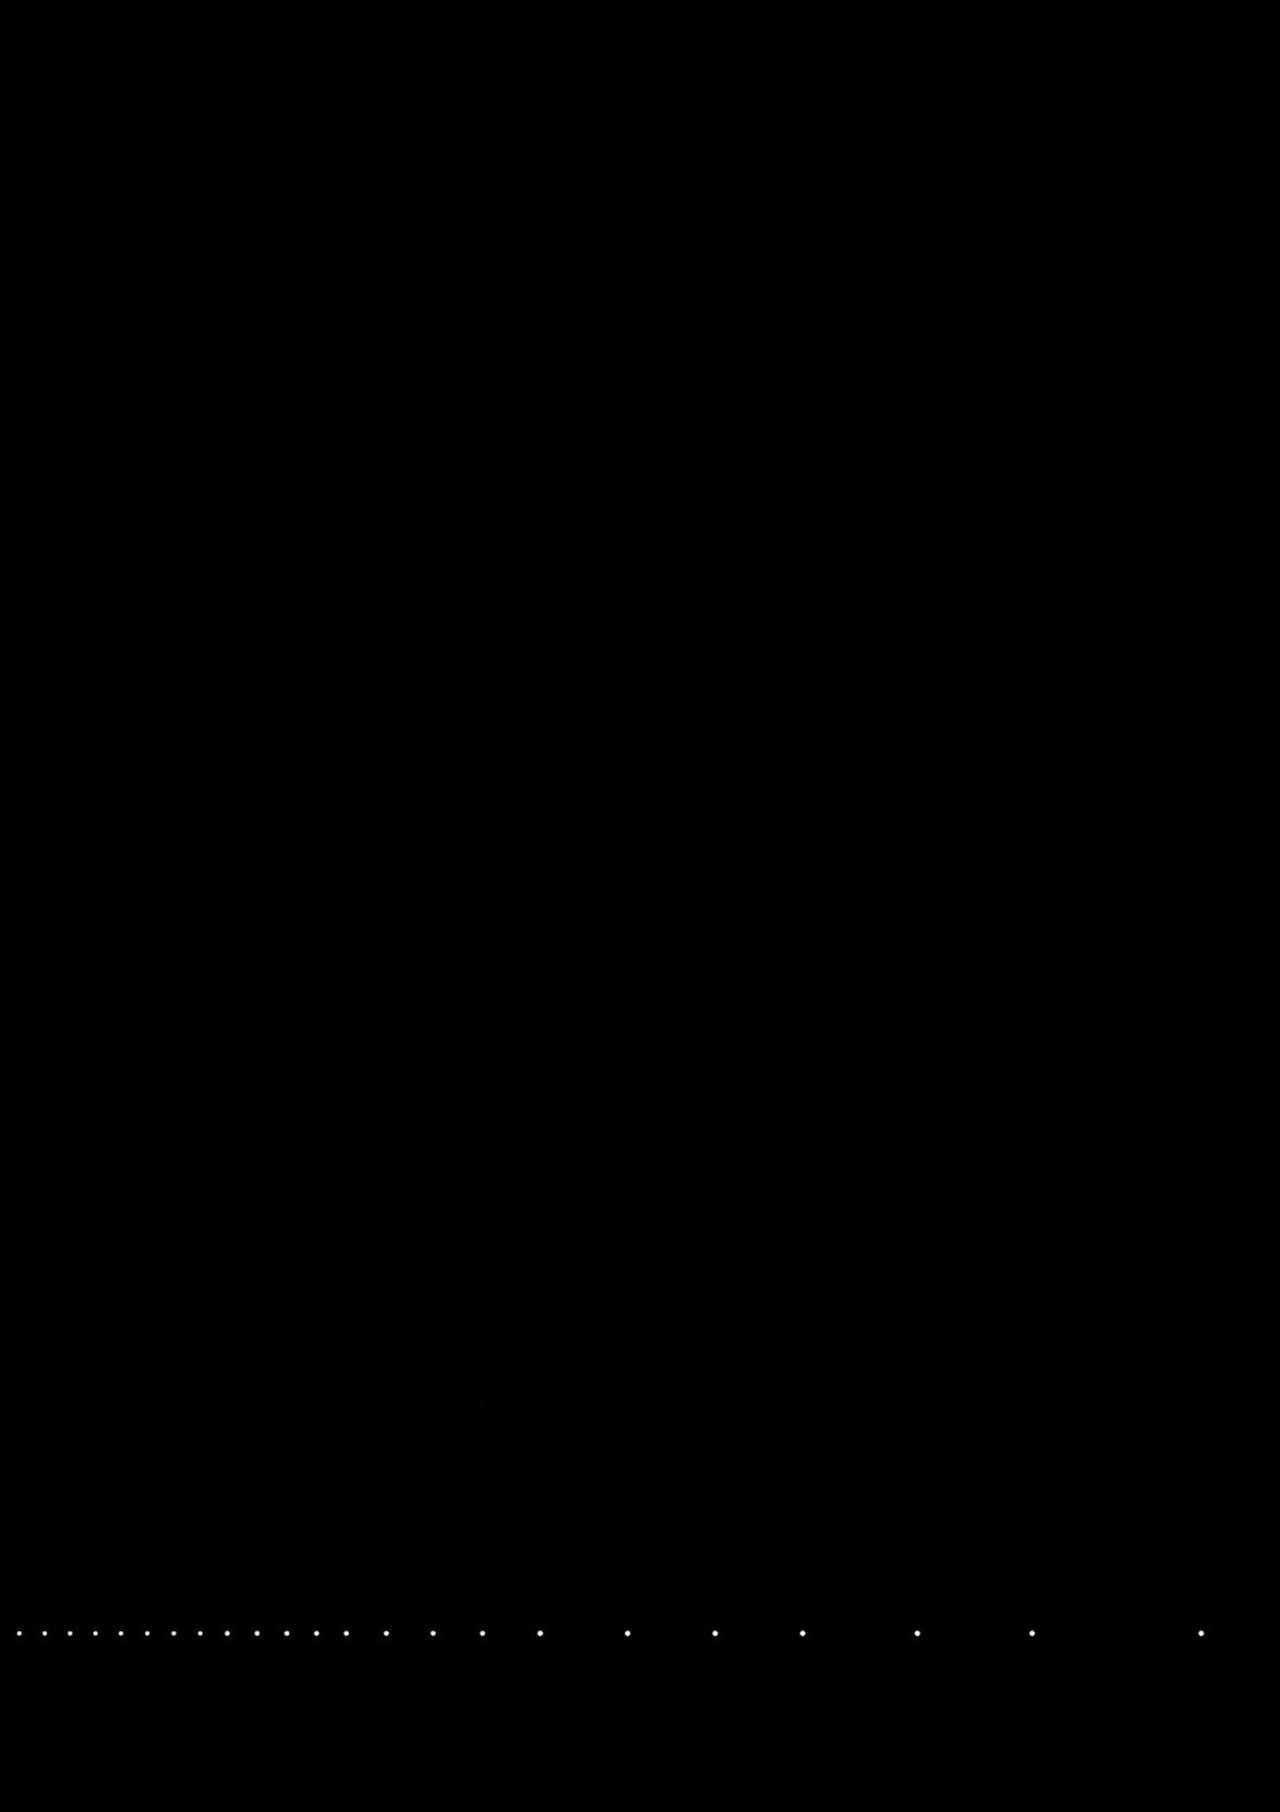 Inaka 302